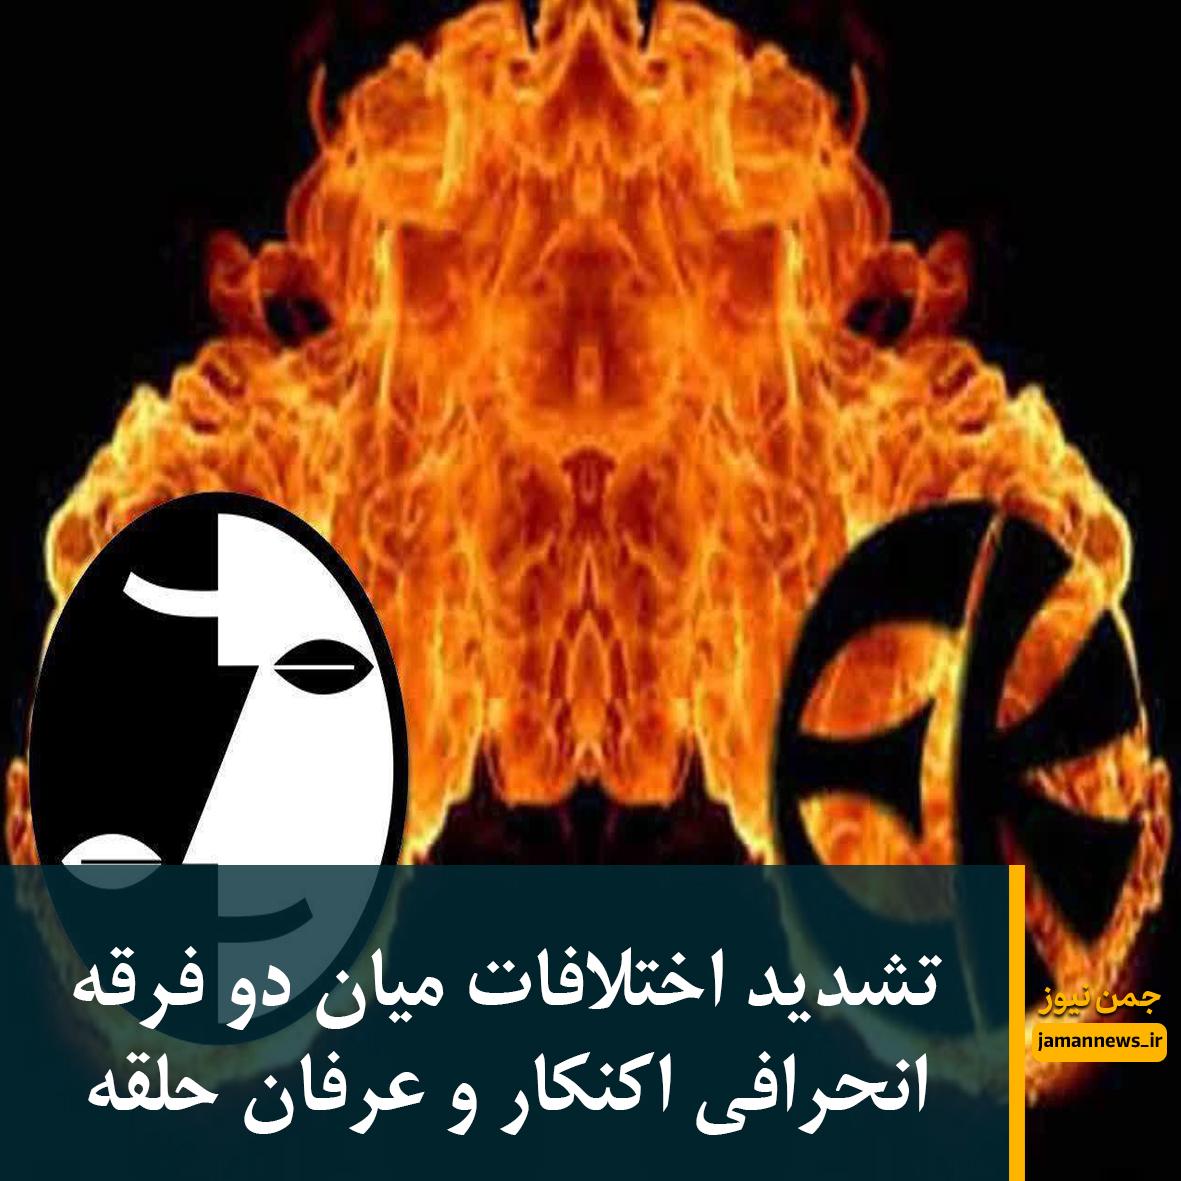 تشدید اختلافات میان دو فرقه انحرافی اکنکار و عرفان حلقه